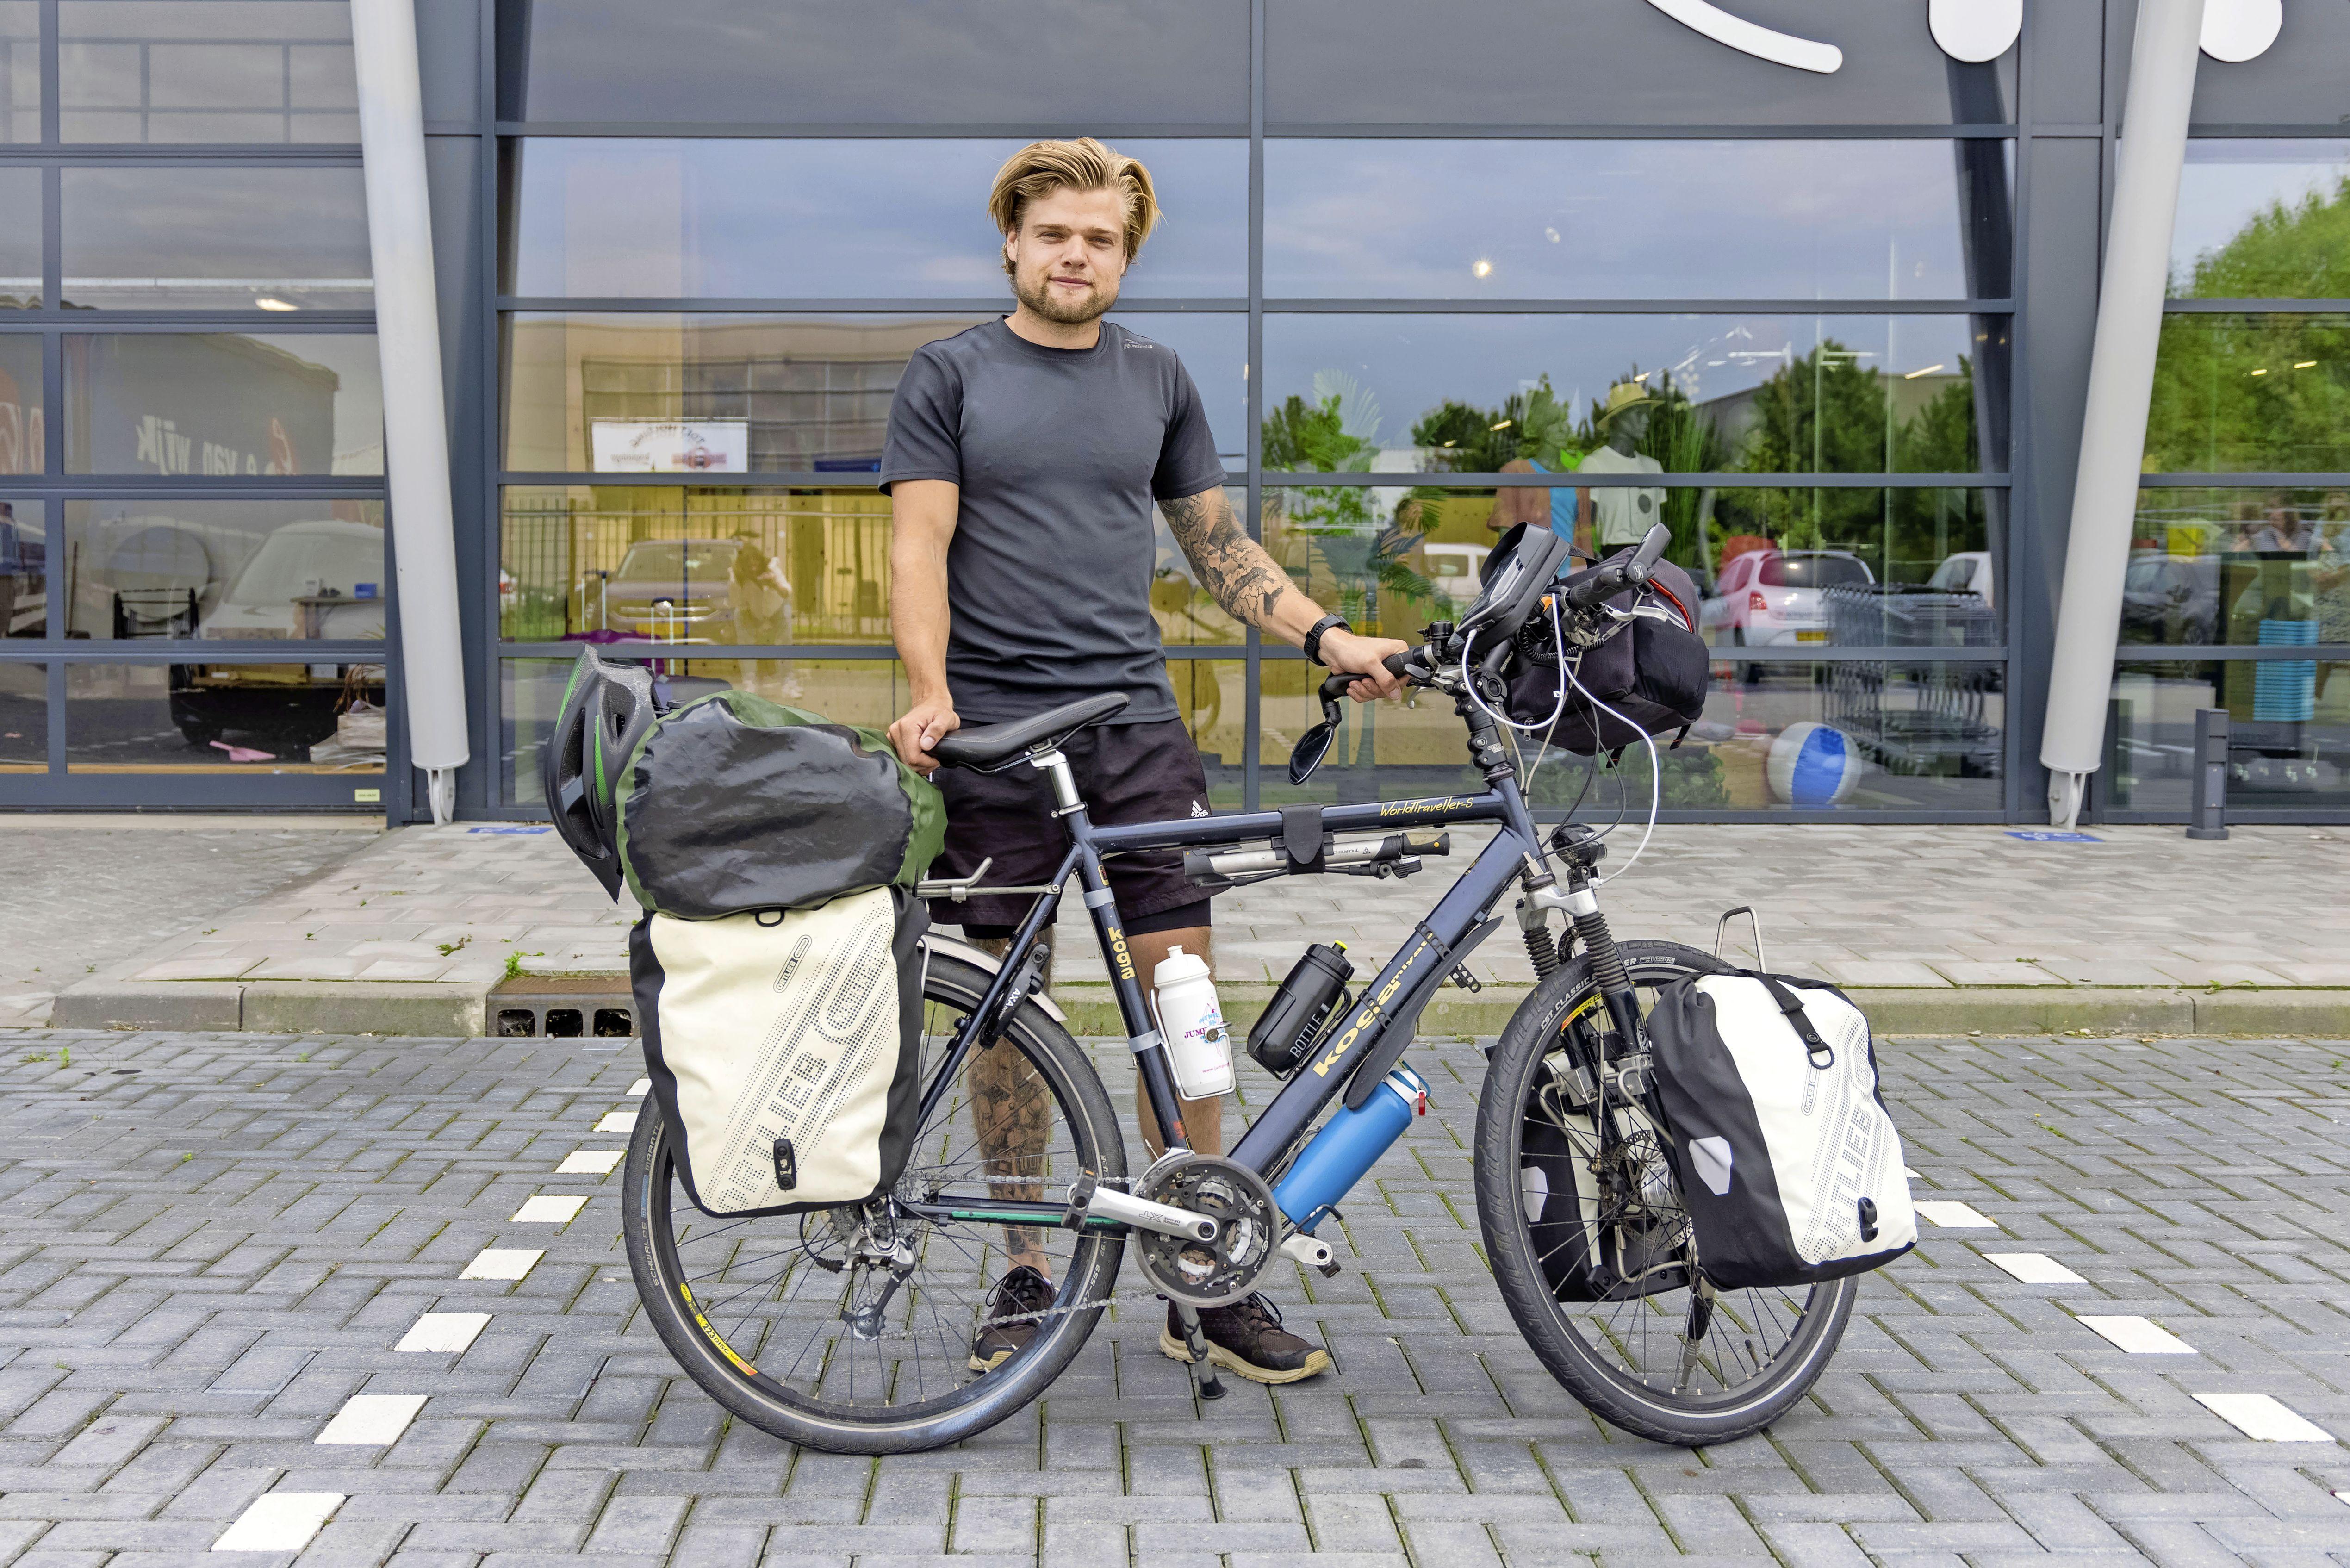 Wereldreis in tijdperk corona: Joost Reus gaat fietsend van Hoogkarspel naar Bali